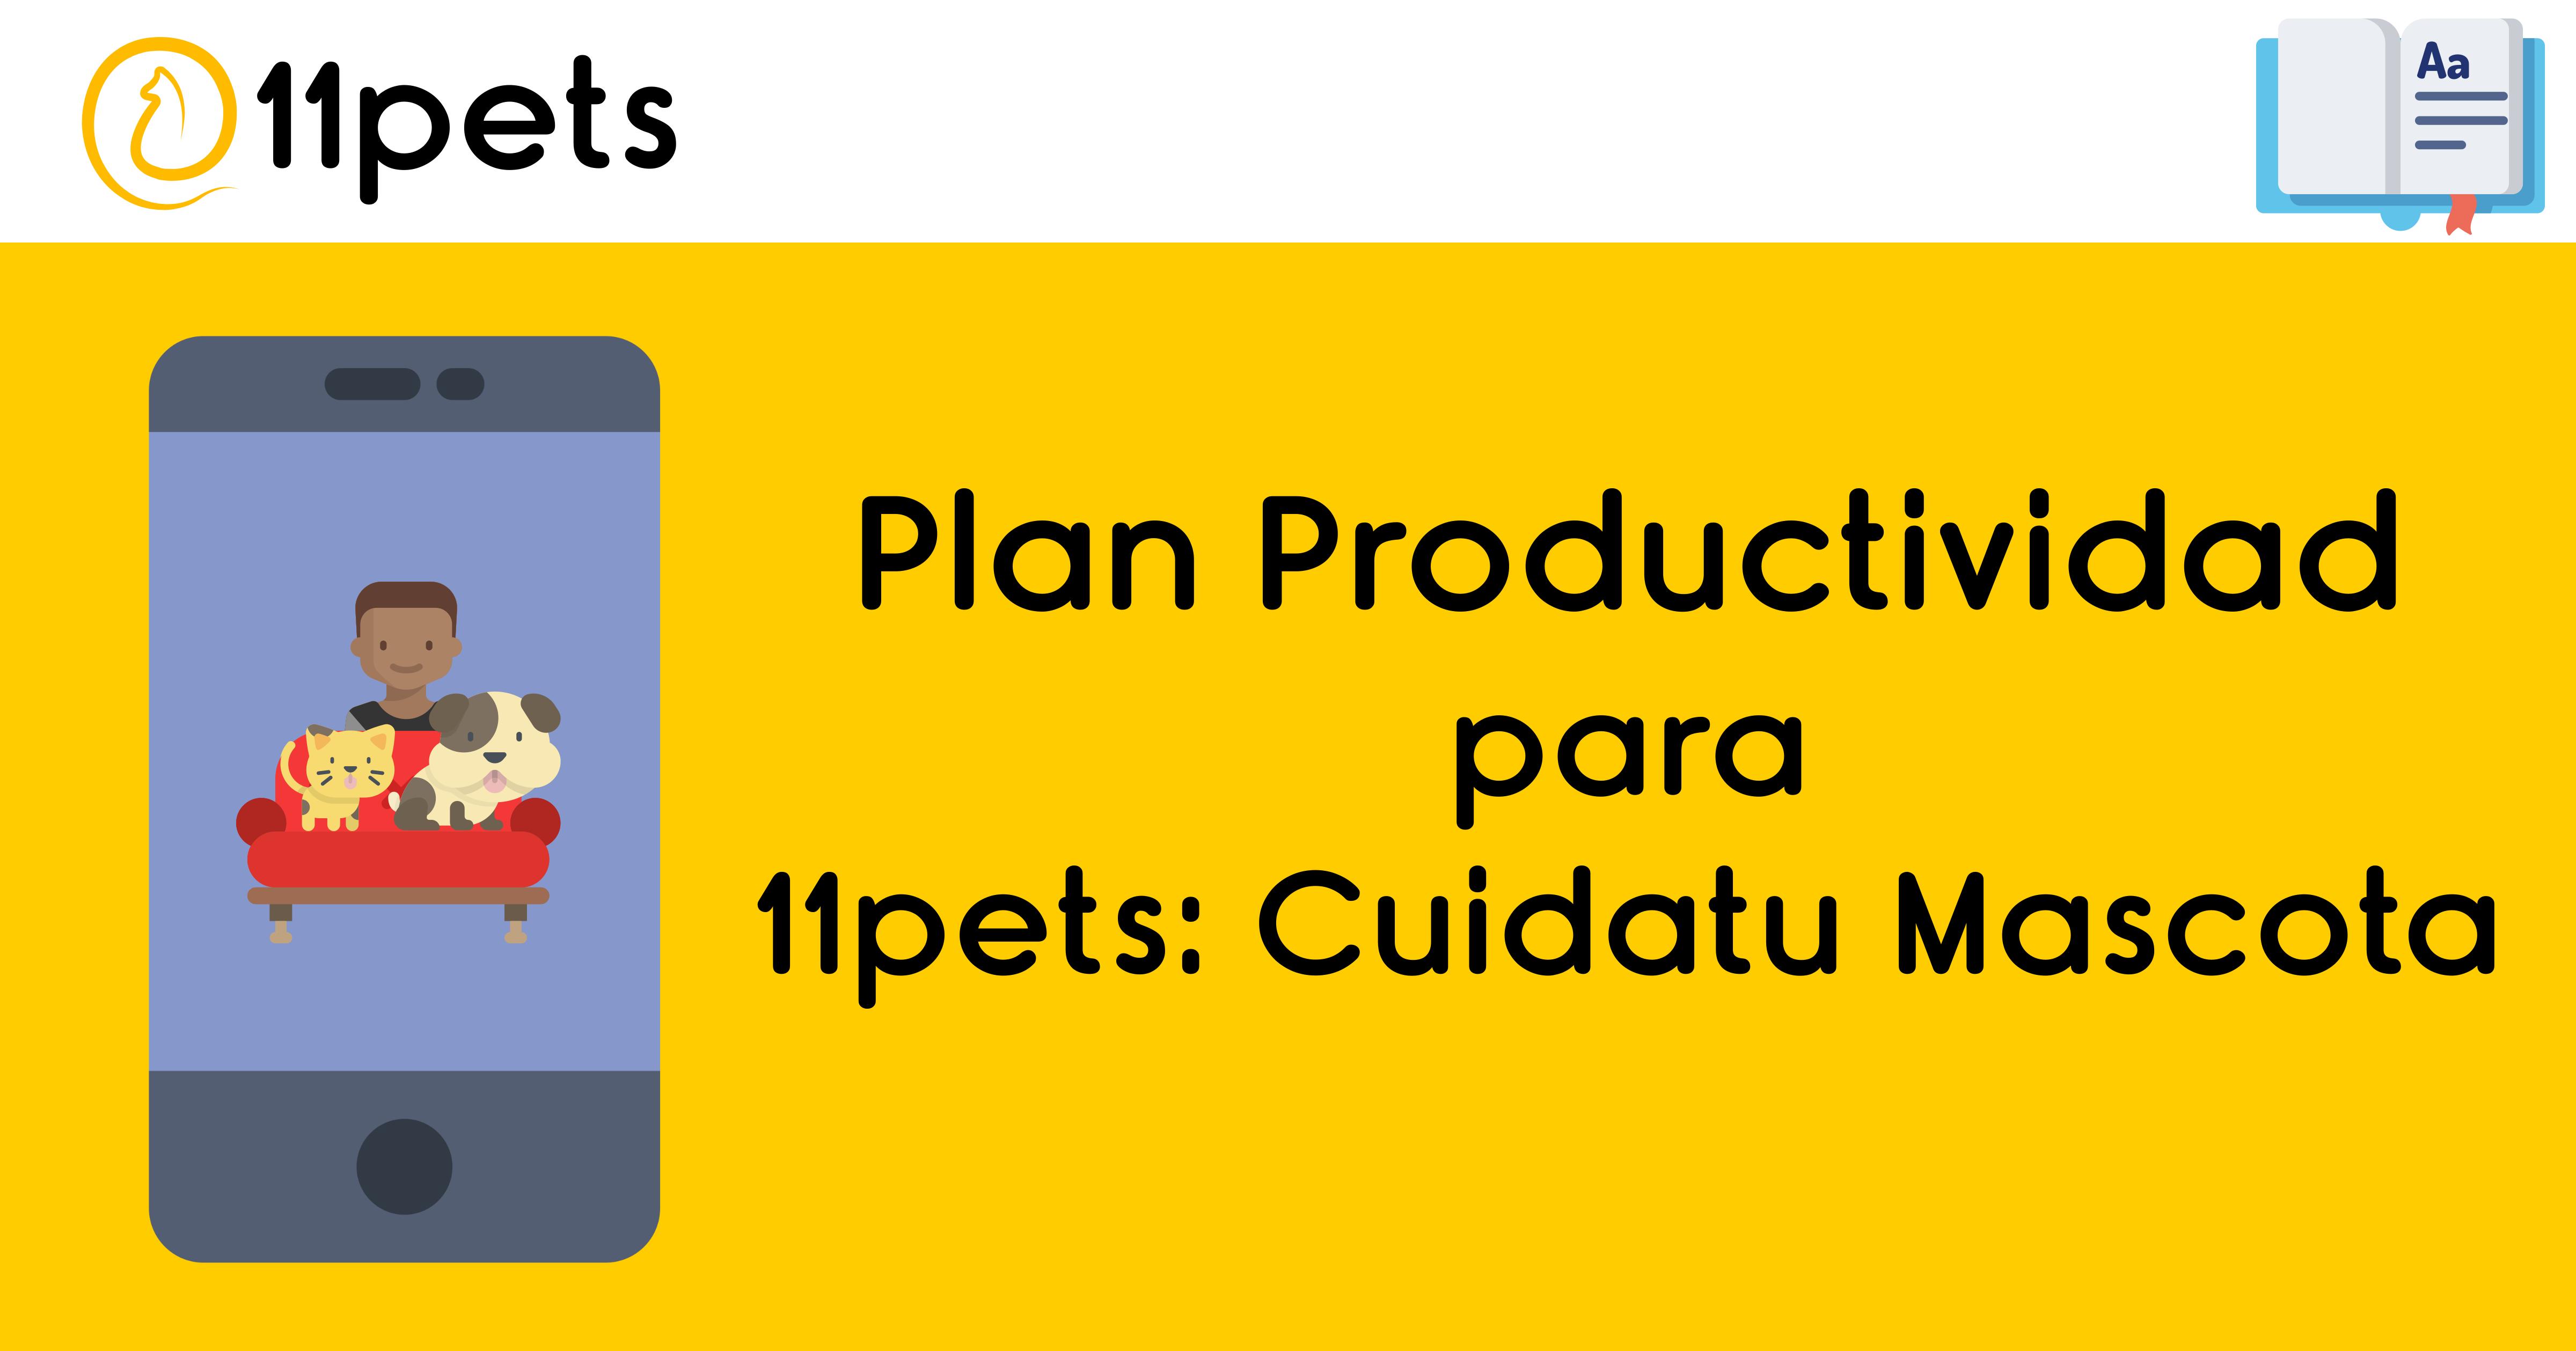 Plan Productividad para 11pets: Pet Care